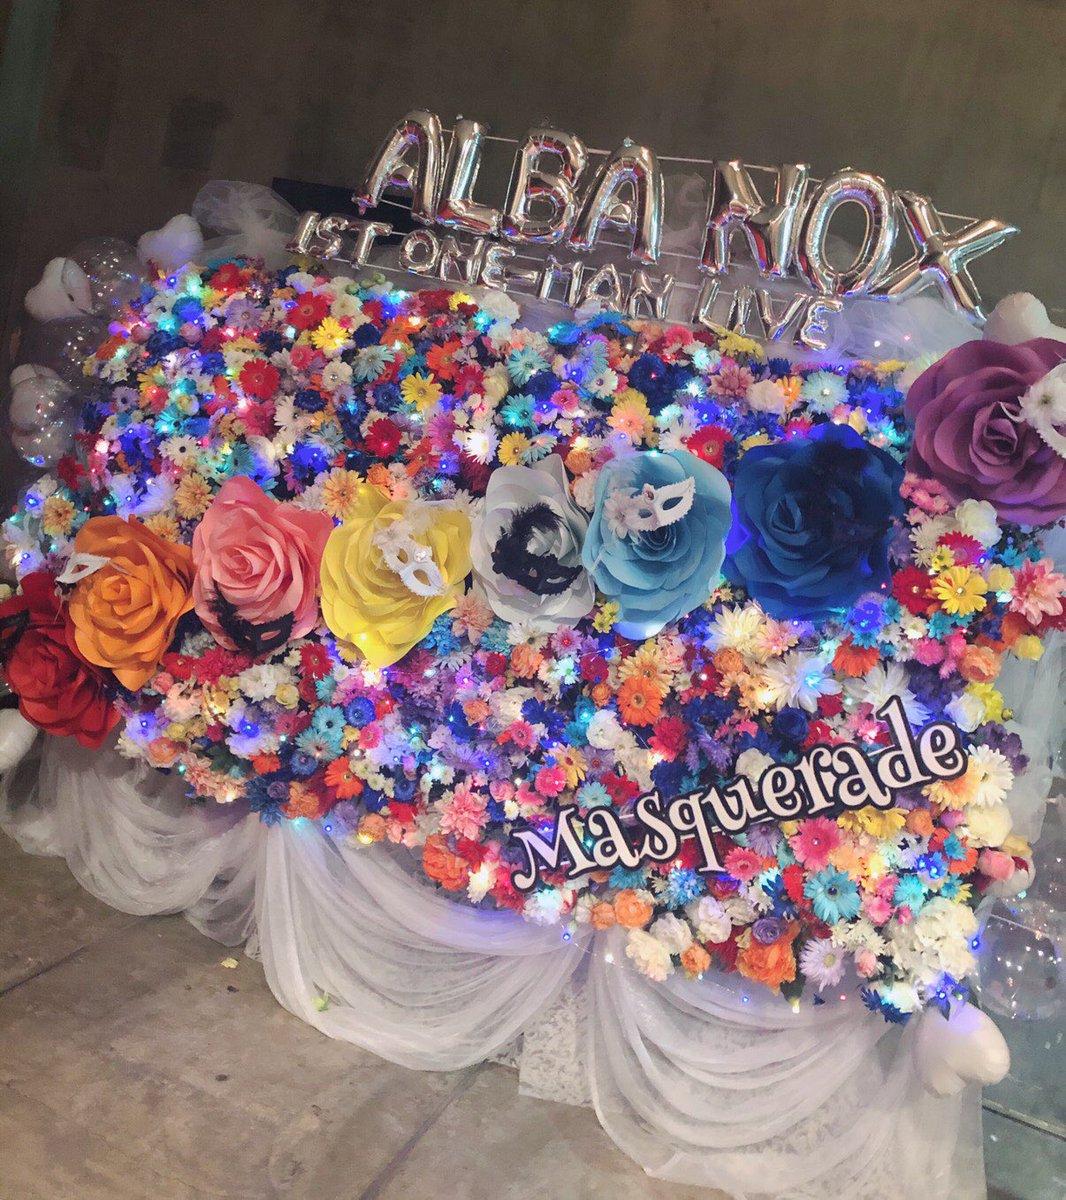 AlbaNoxワンマンライブありがとうございました台風の影響でスケジュールが変更になったにも関わらず学生の方社会人の方地方の方等たくさんのファンの方々が足を運んでくれてたくさん声出してくれて本当に嬉しかったです素敵なフラスタ、ケーキありがとでしたこれからもよろしくお願いします日々感謝。